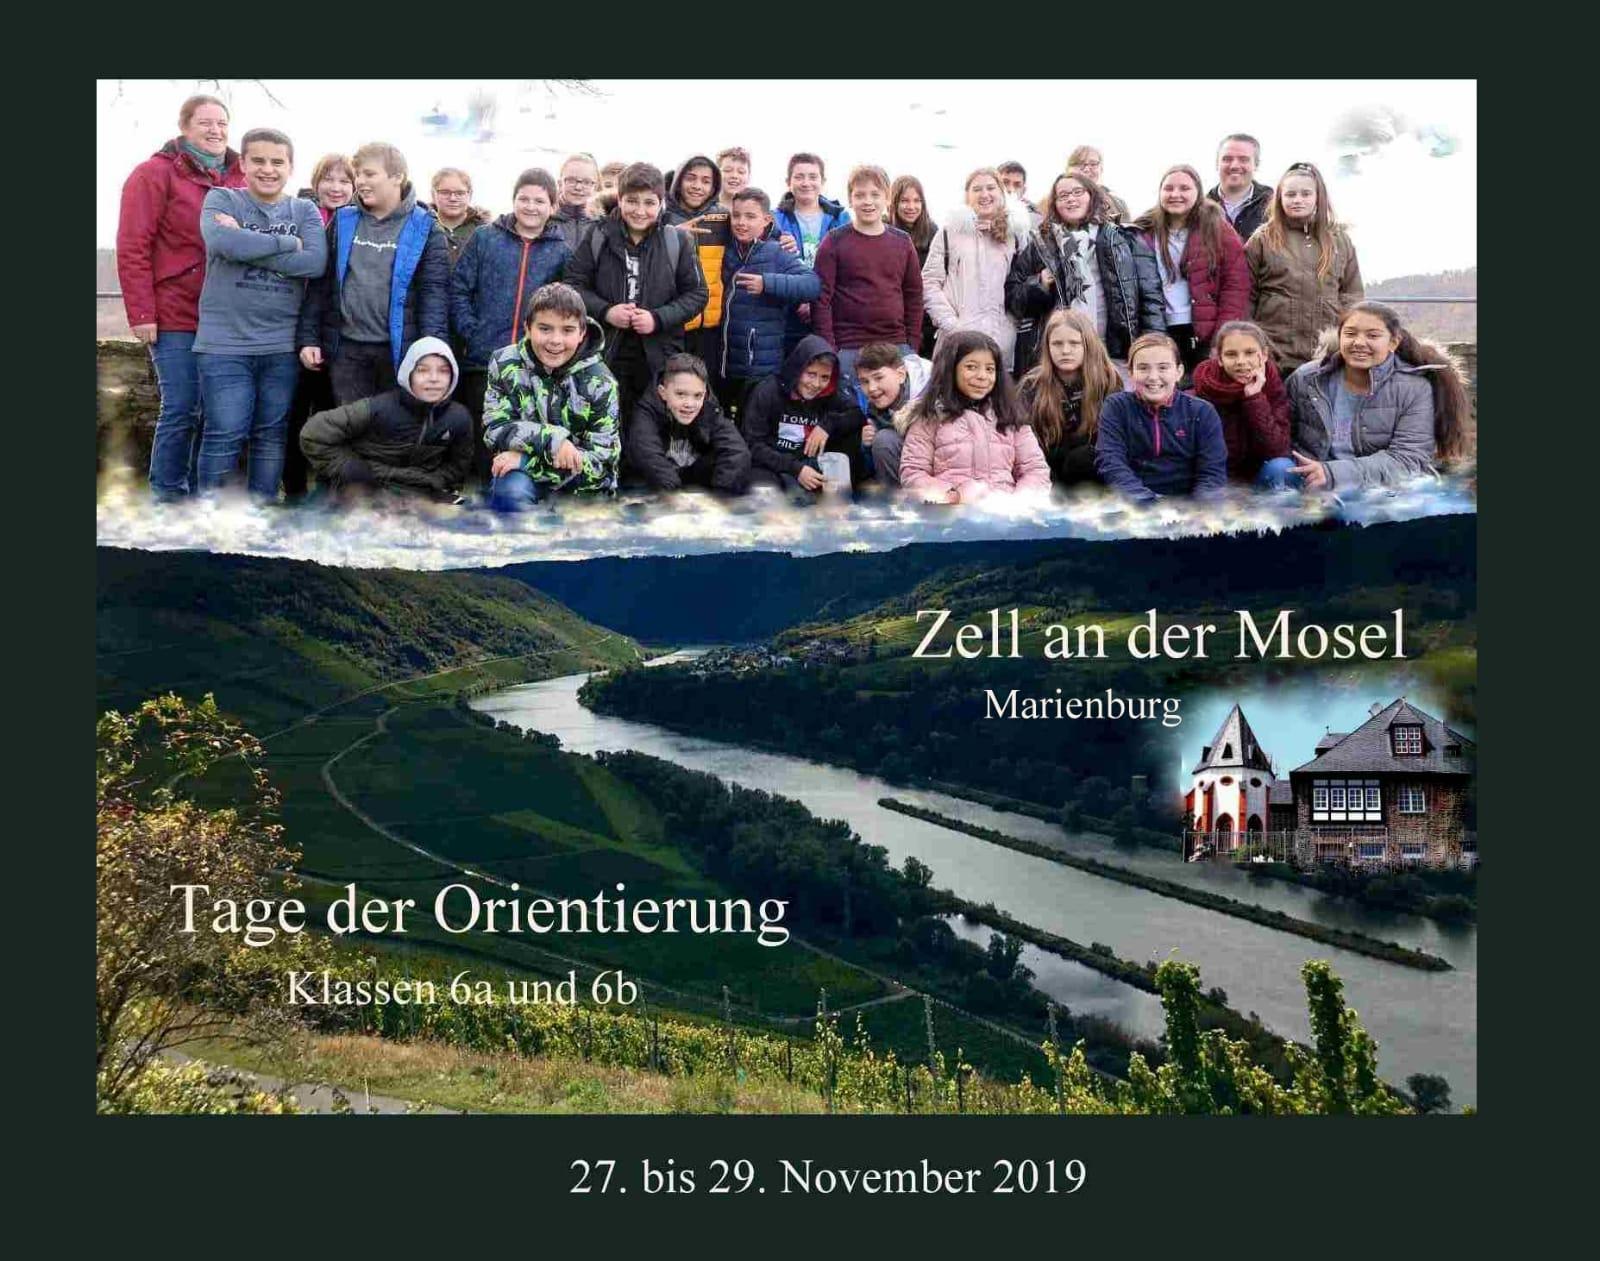 Stärkung der Persönlichkeit auf Festung Marienburg – Tage der Orientierung über dem Tal der Mosel